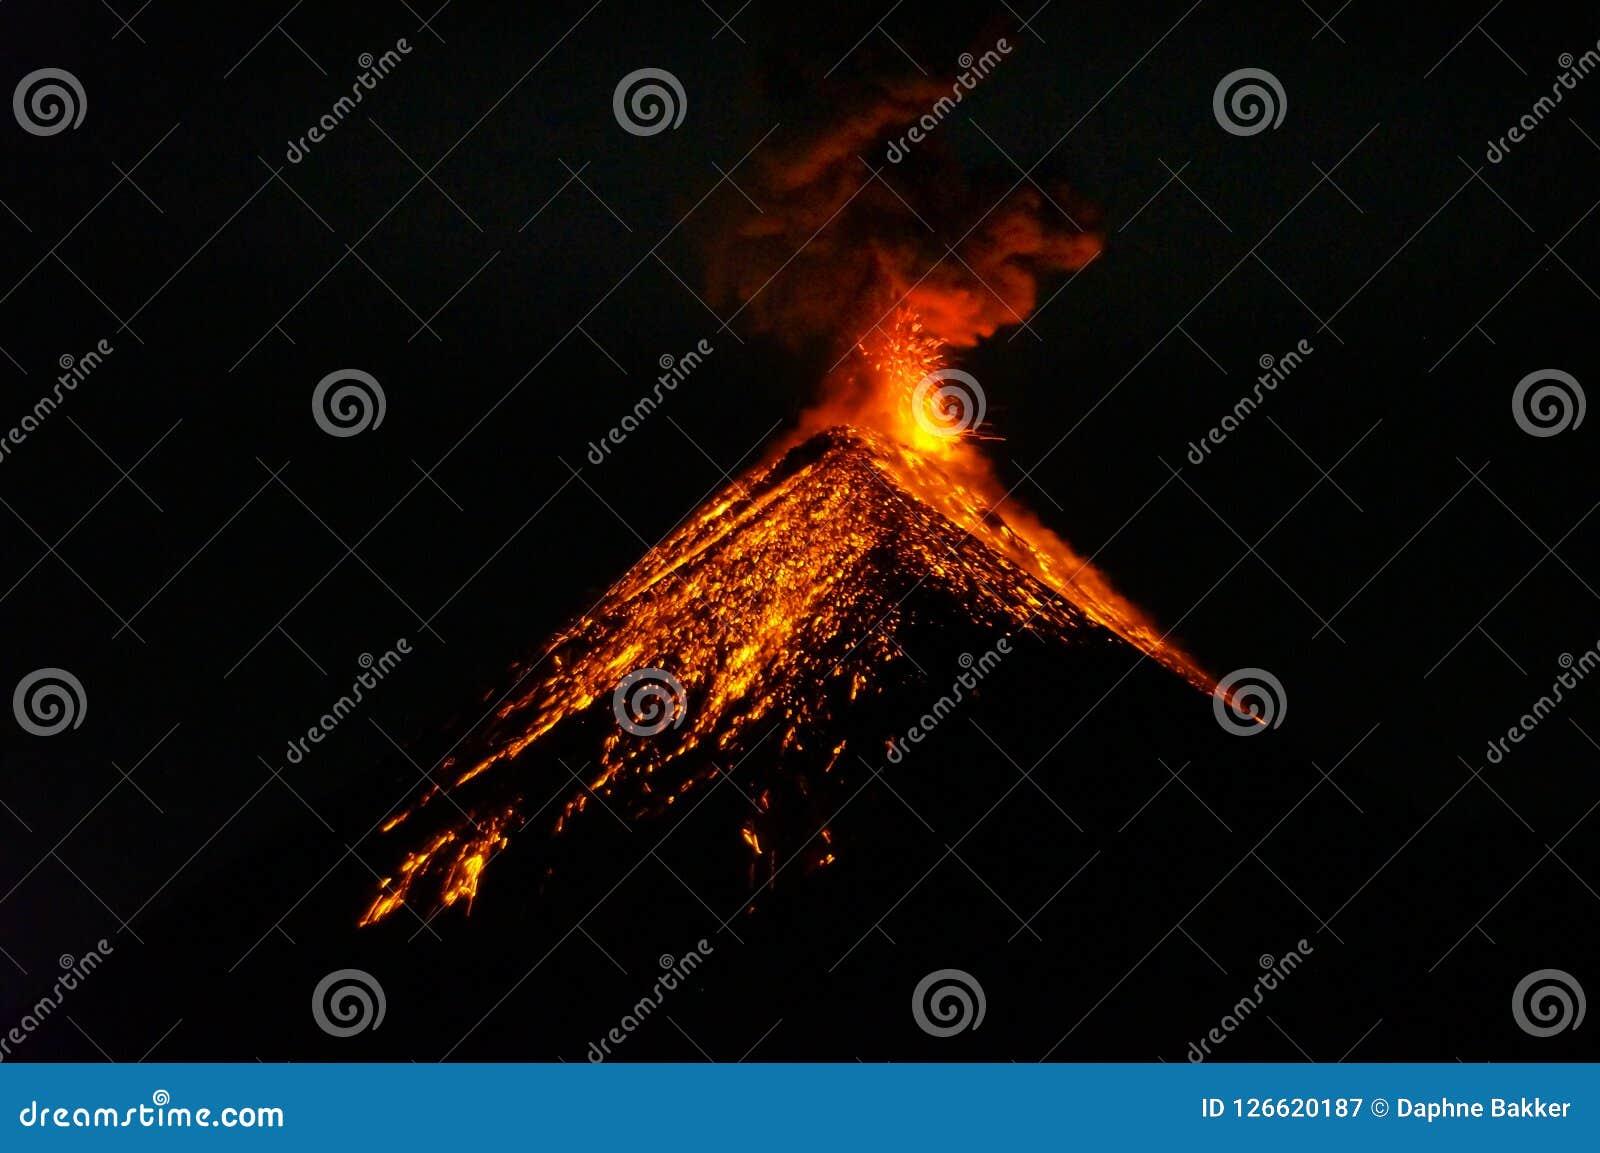 Fuego vulkanutbrott vid natt